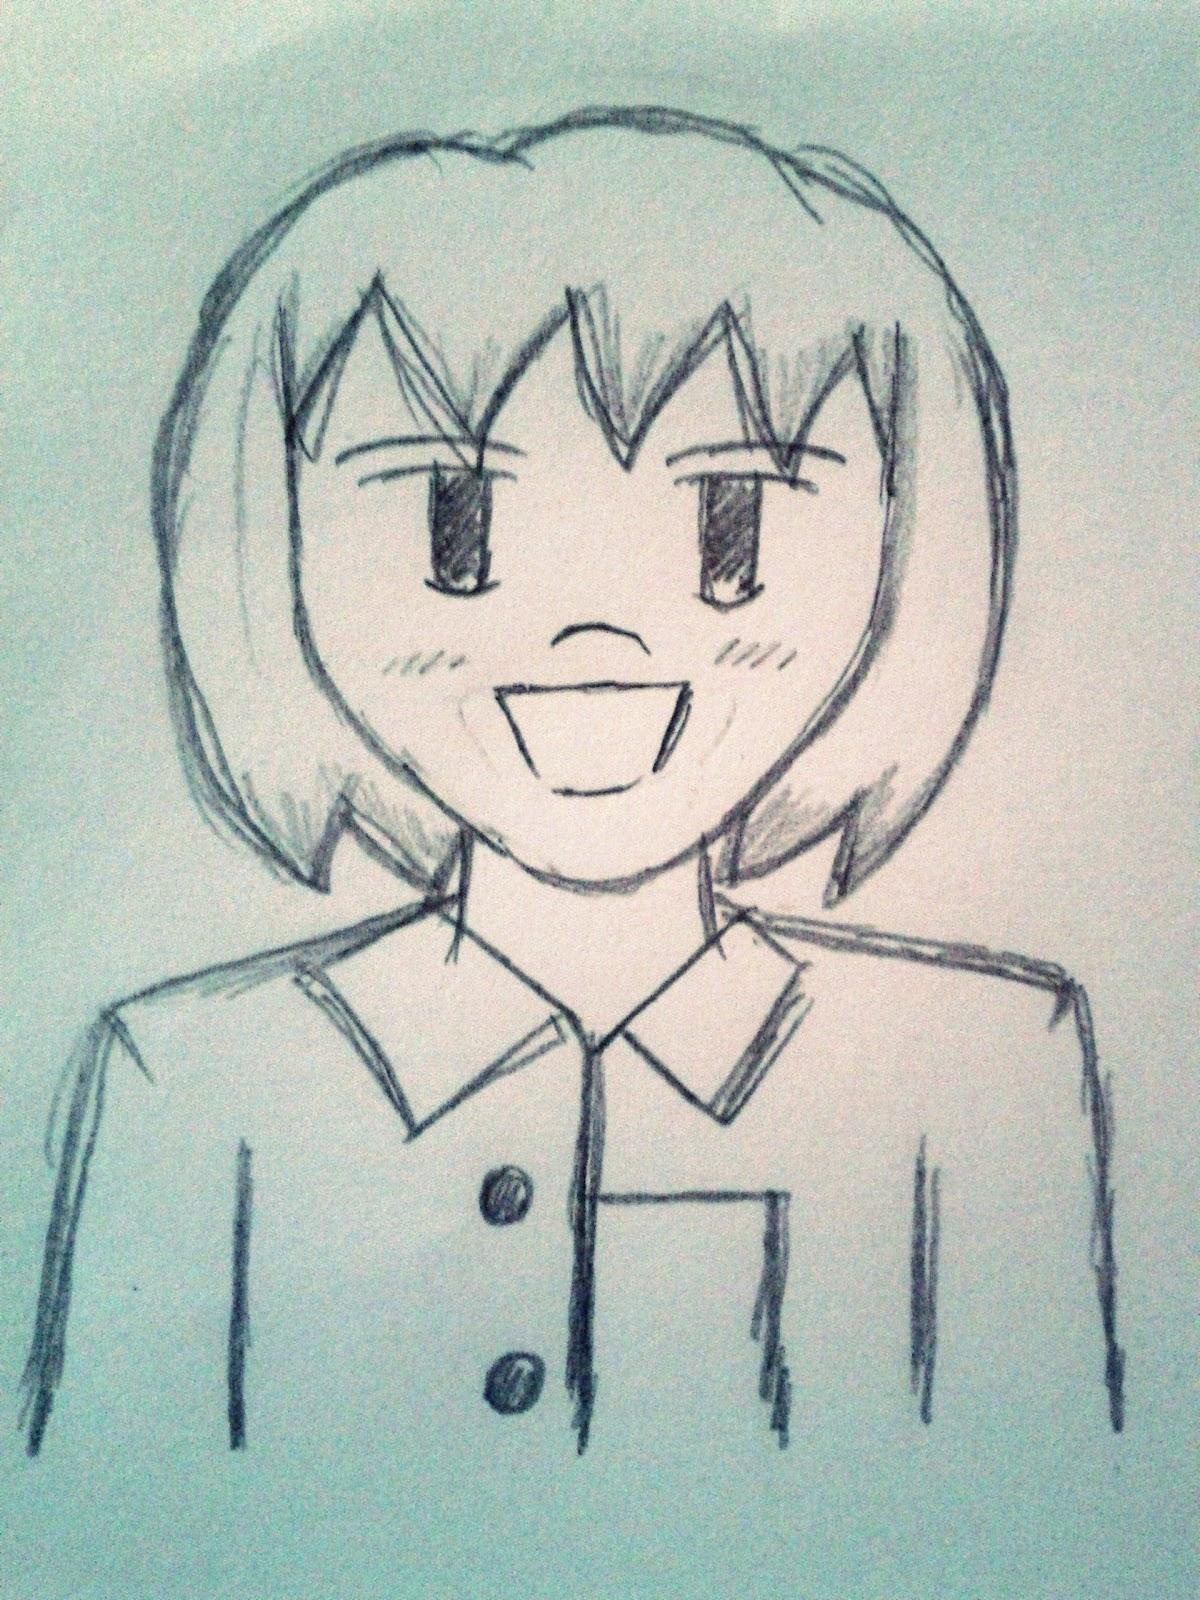 800 Gambar Anime Lucu Pencil HD Terbaru